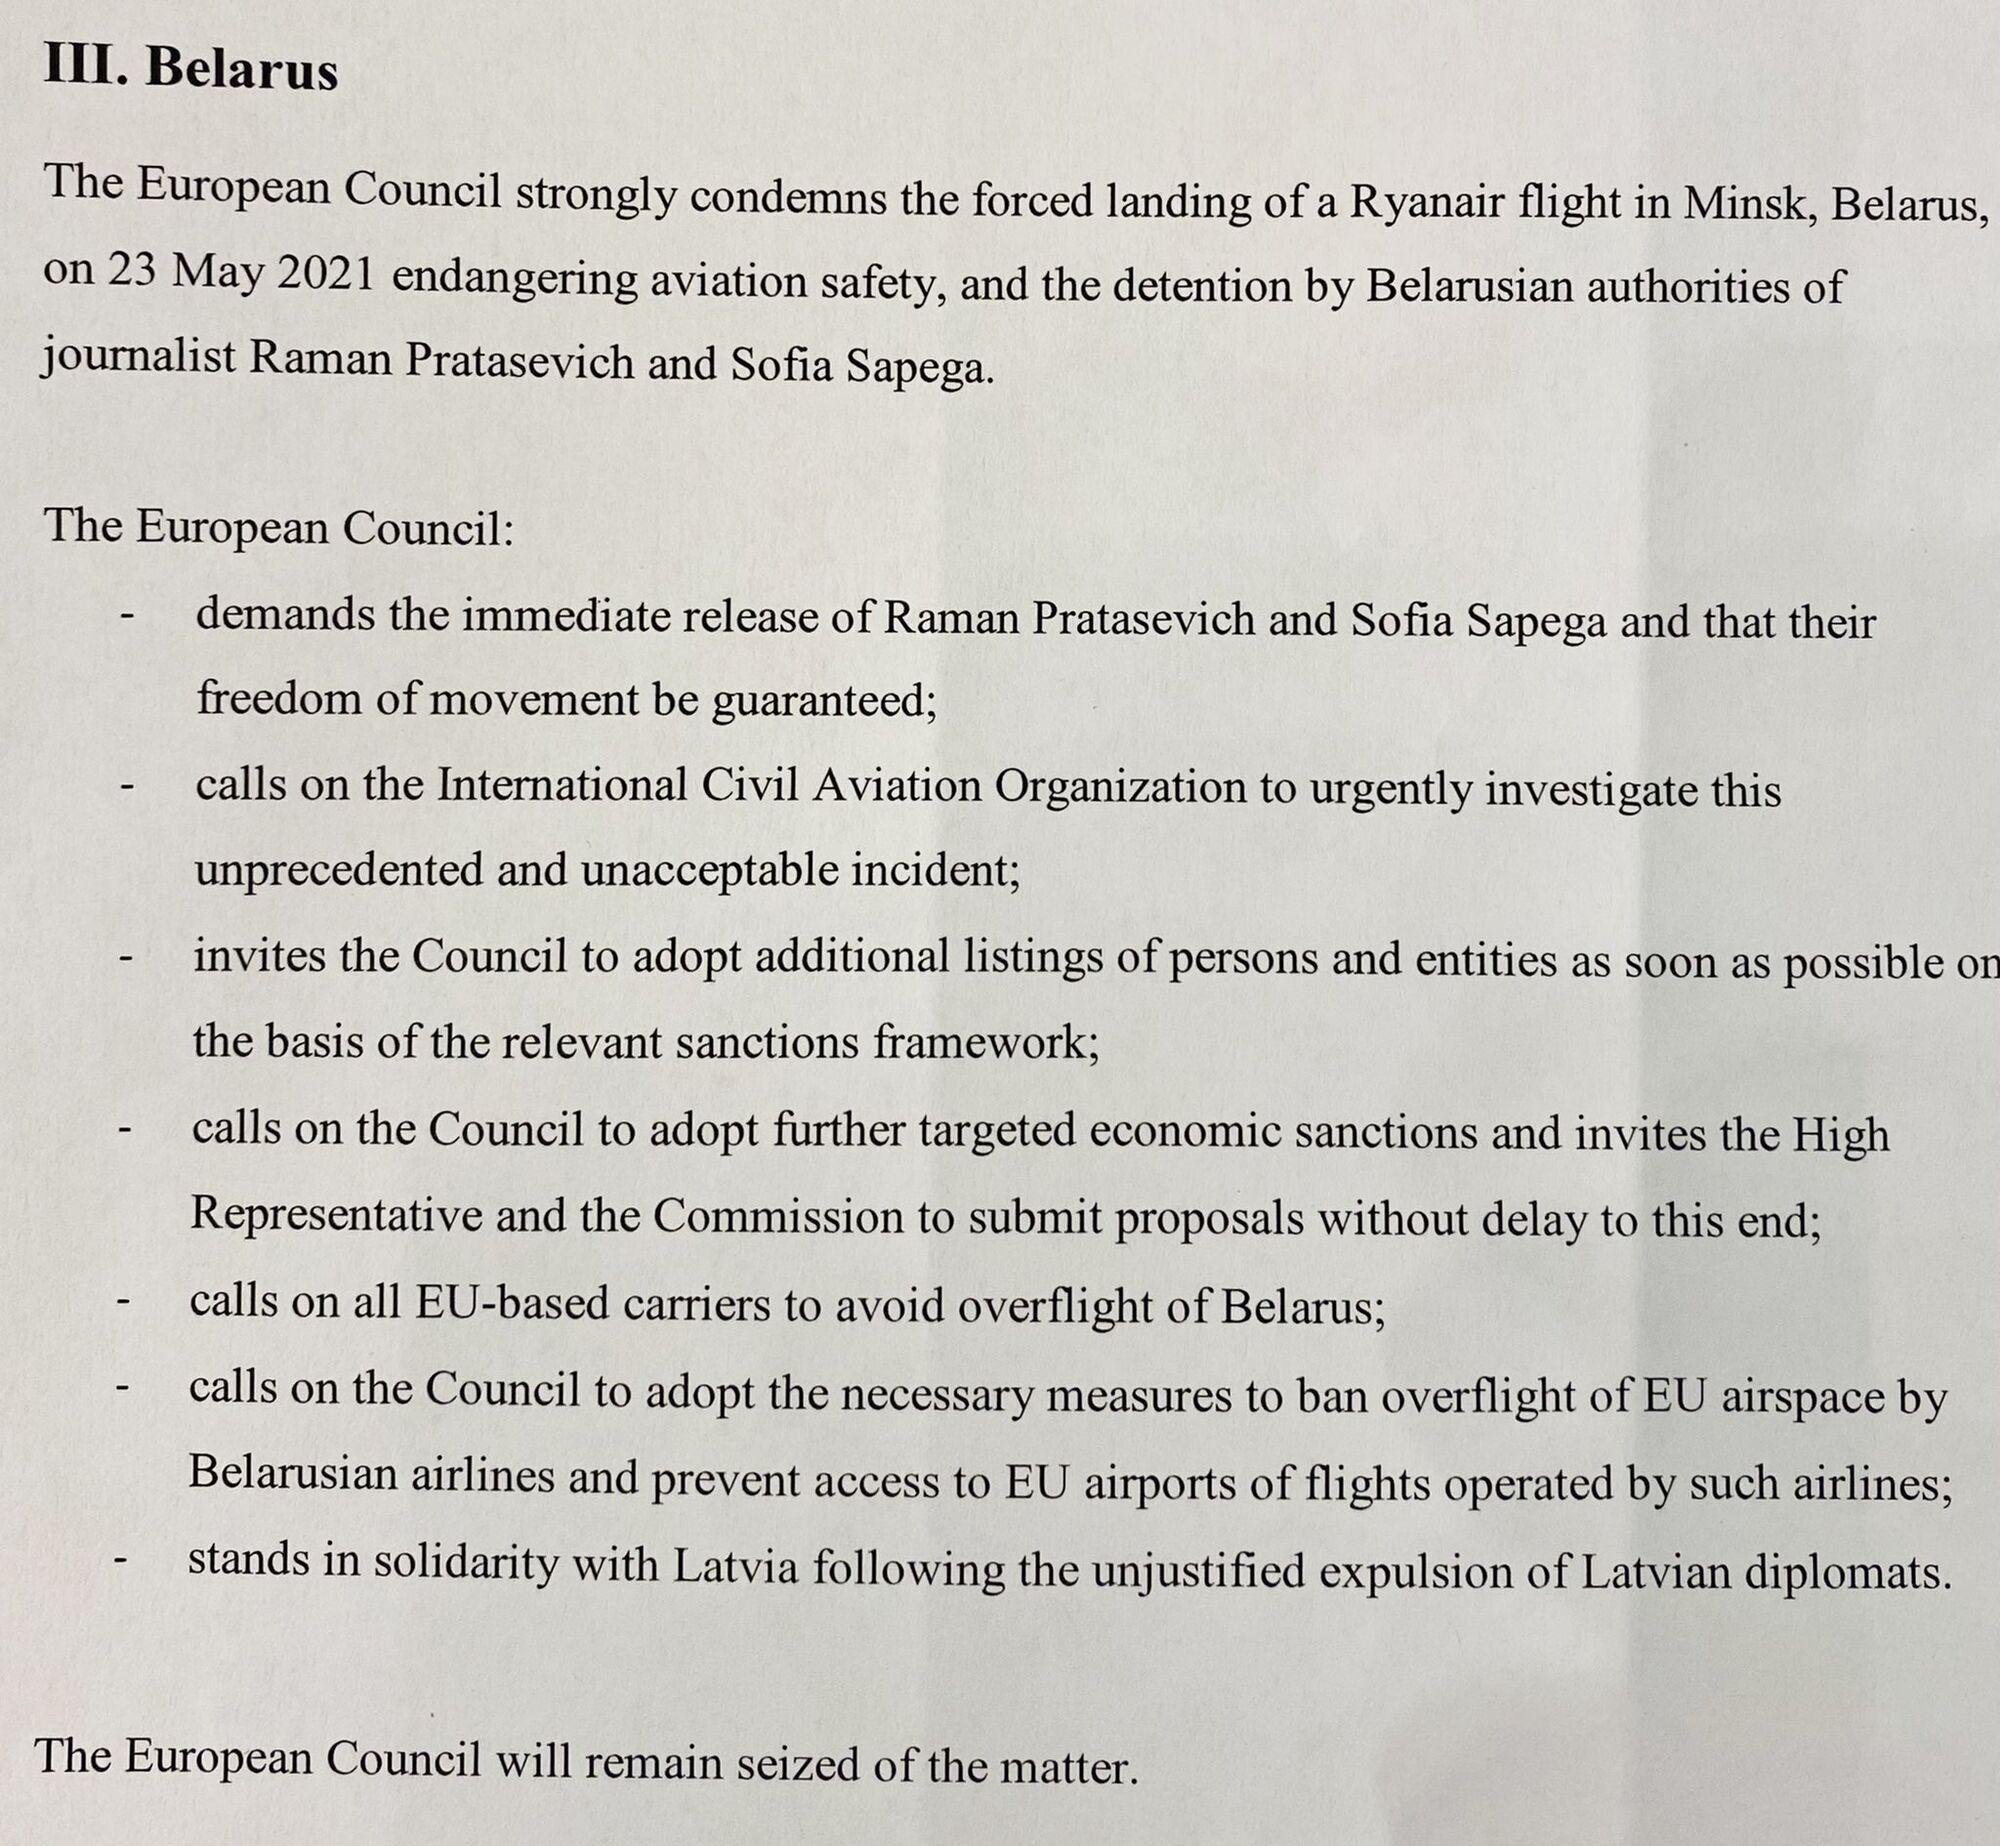 Решение саммита ЕС по Беларуси